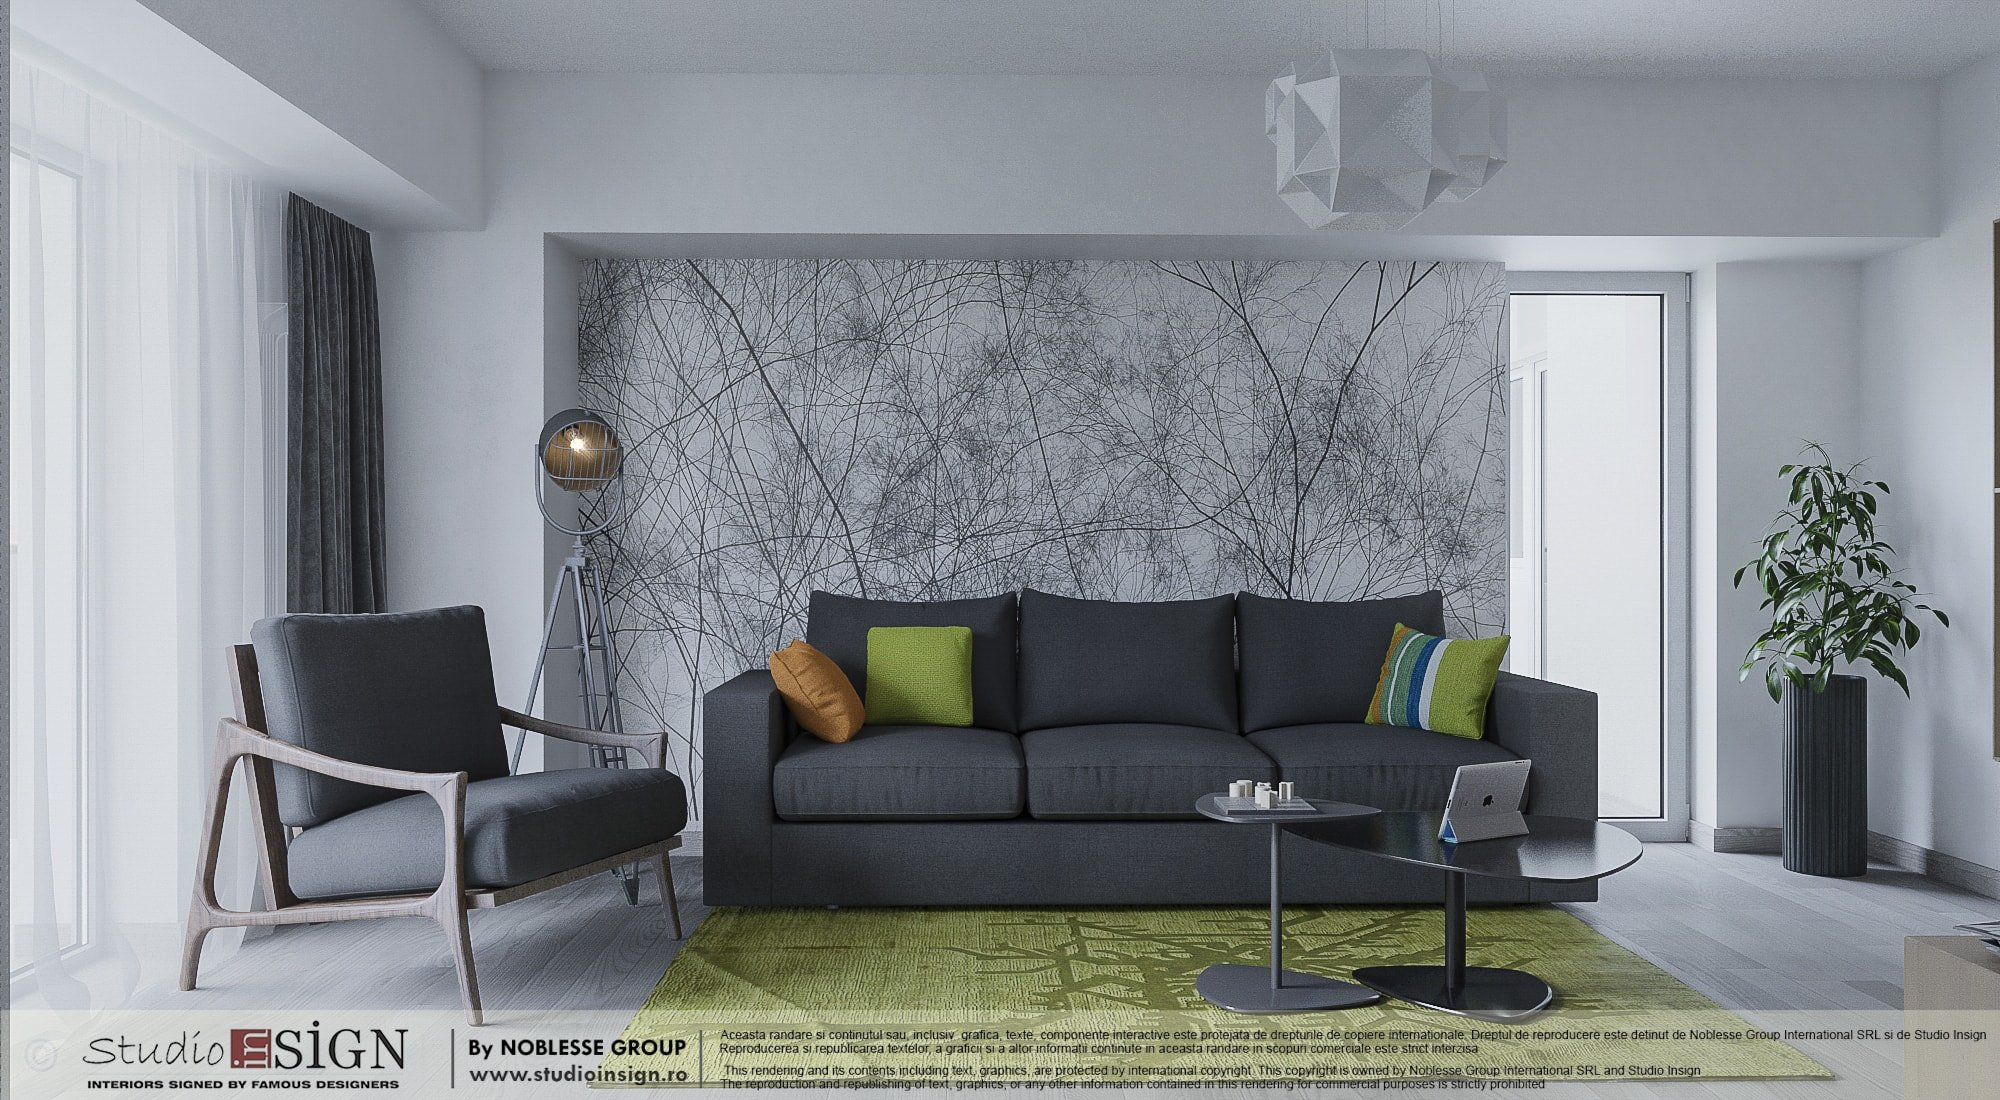 Apartment in bacau modern interior design studio insign - Interior design and decoration ...